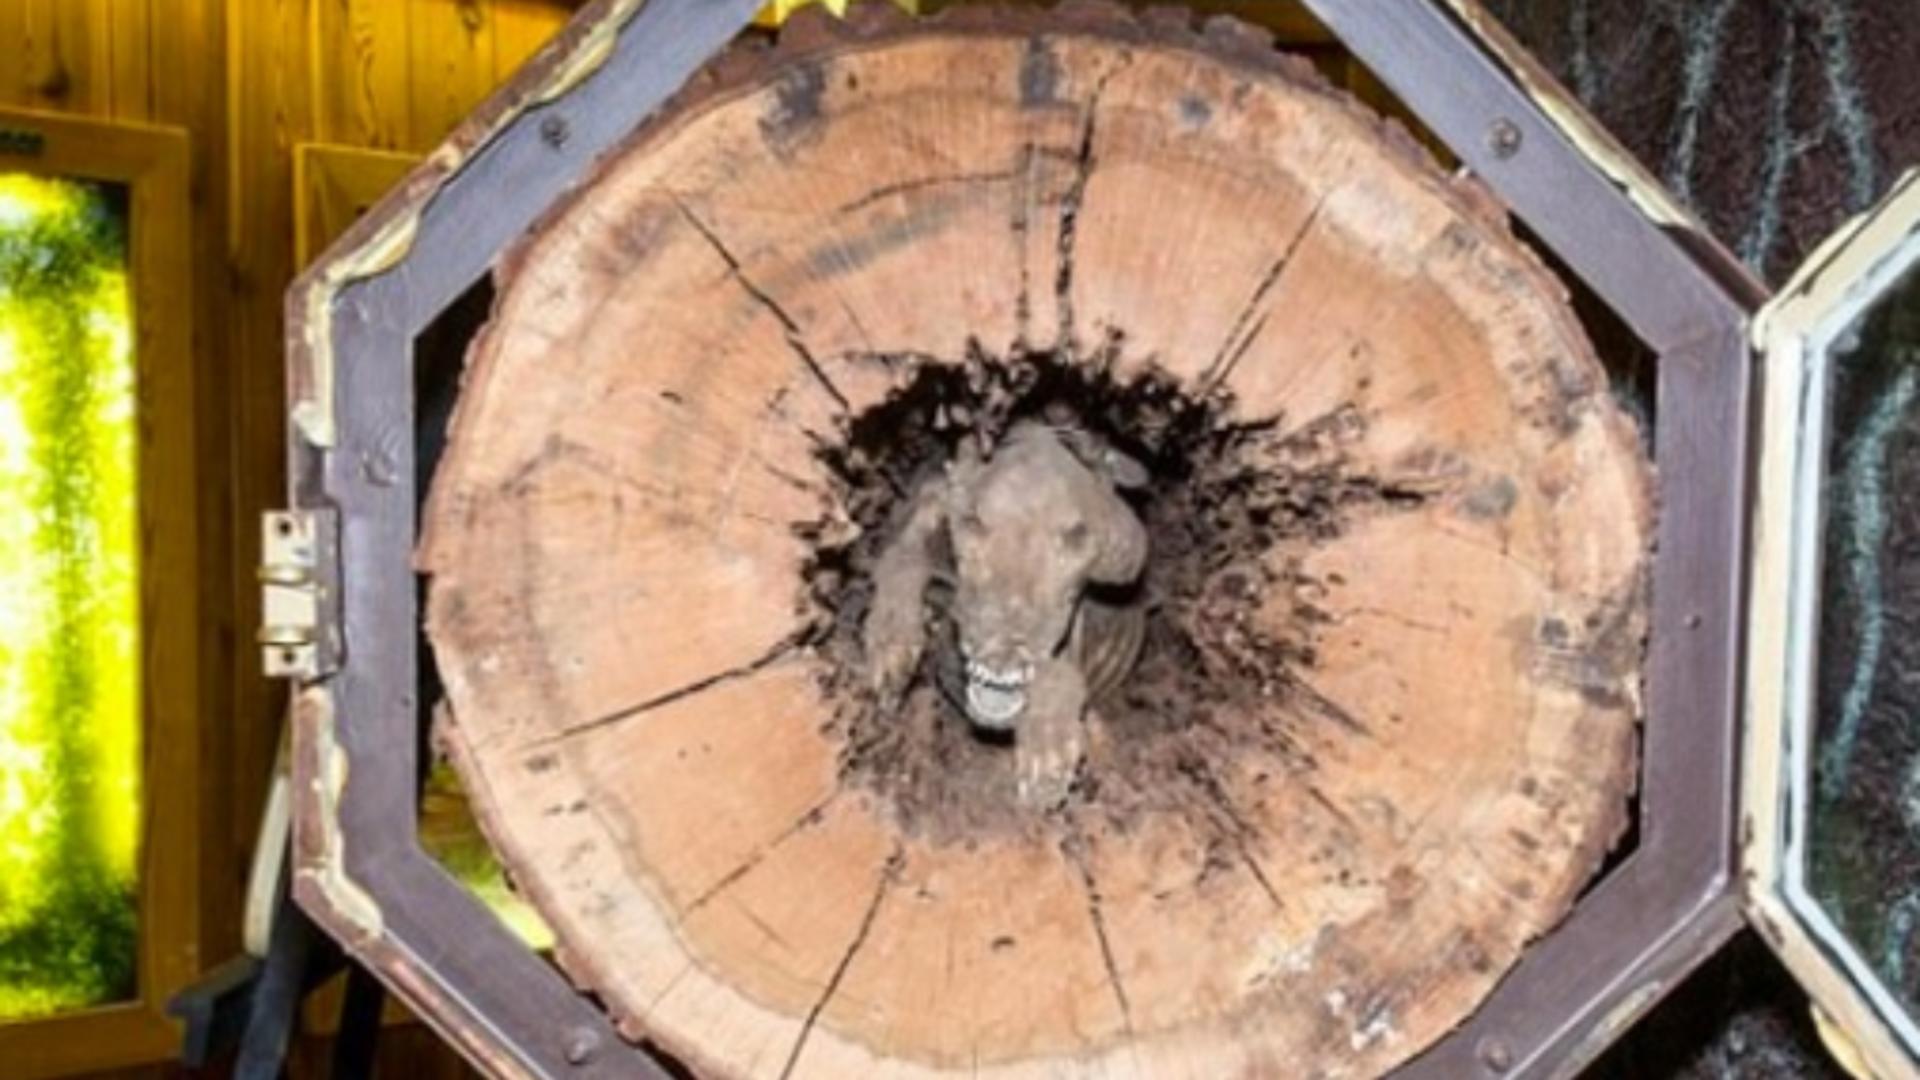 Mai mulţi tăietori de lemne din Georgia, Statele Unite, au avut parte de o surpriză uriaşă